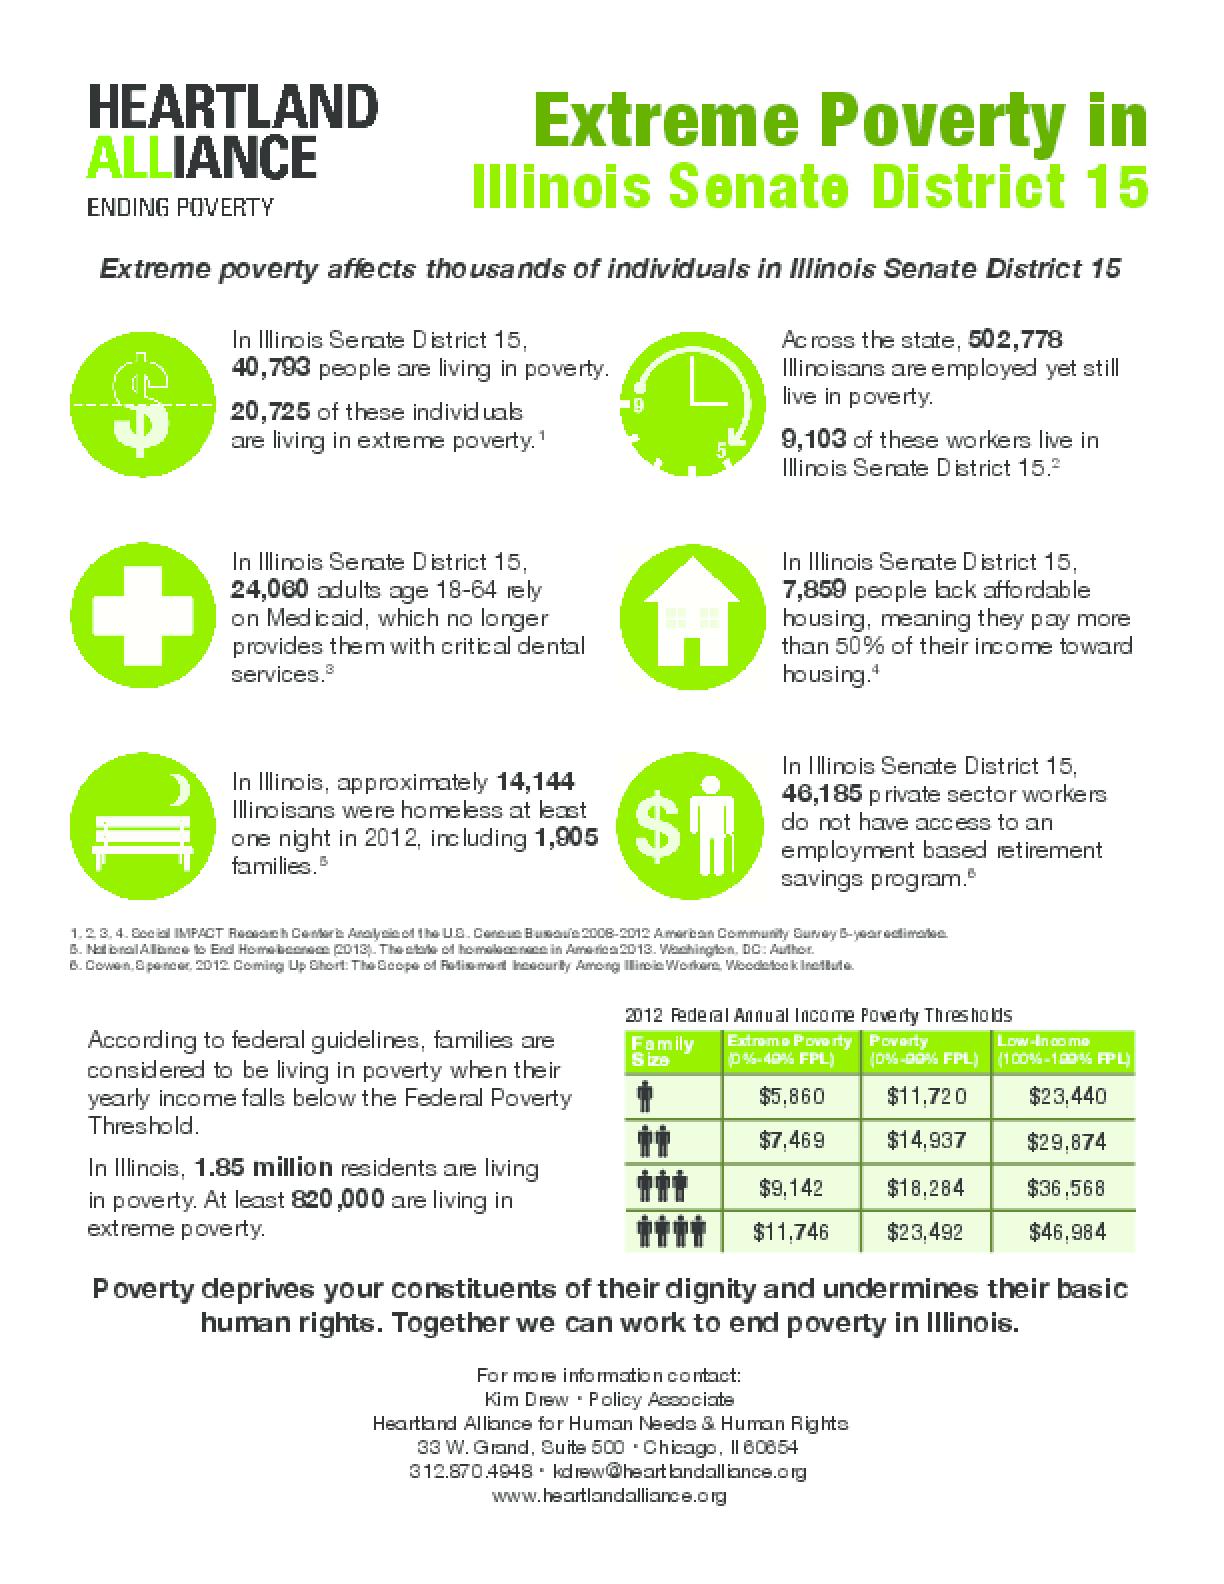 Poverty Fact Sheet for Illinois Senate District 15